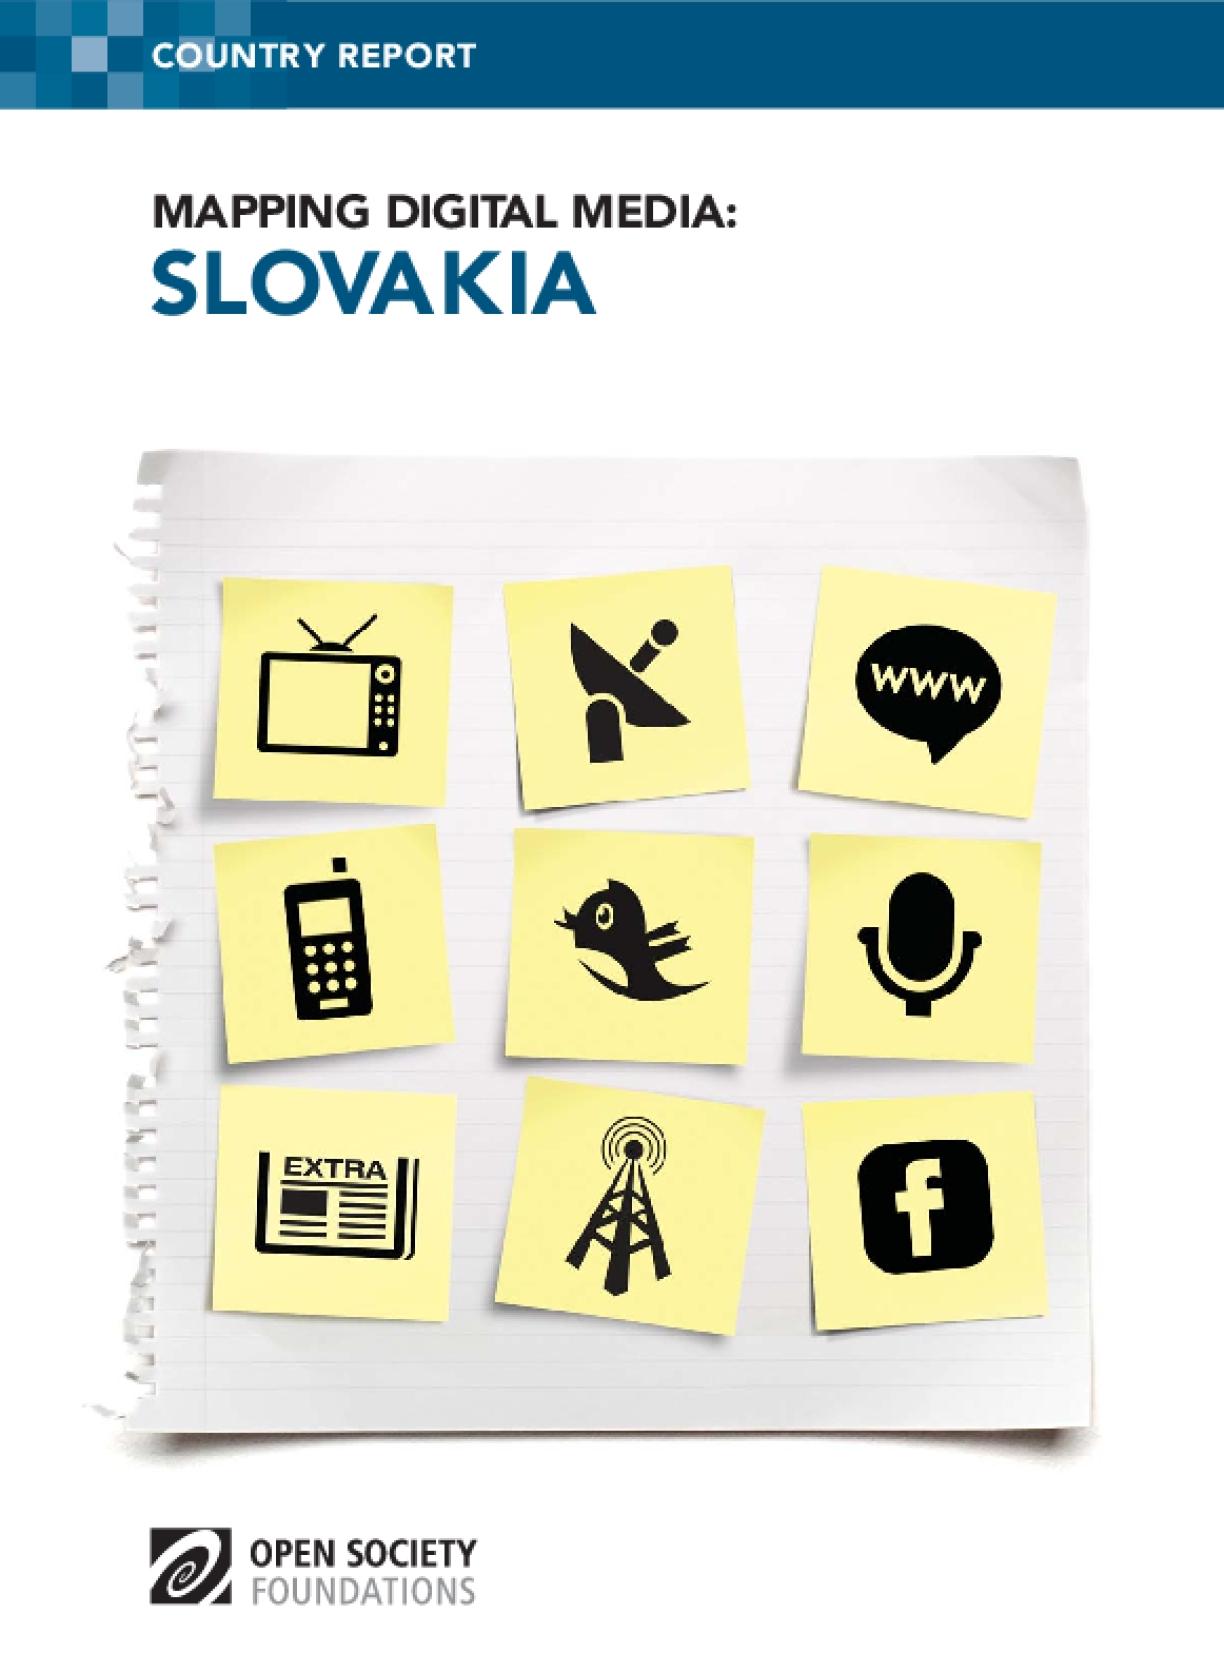 Mapping Digital Media: Slovakia